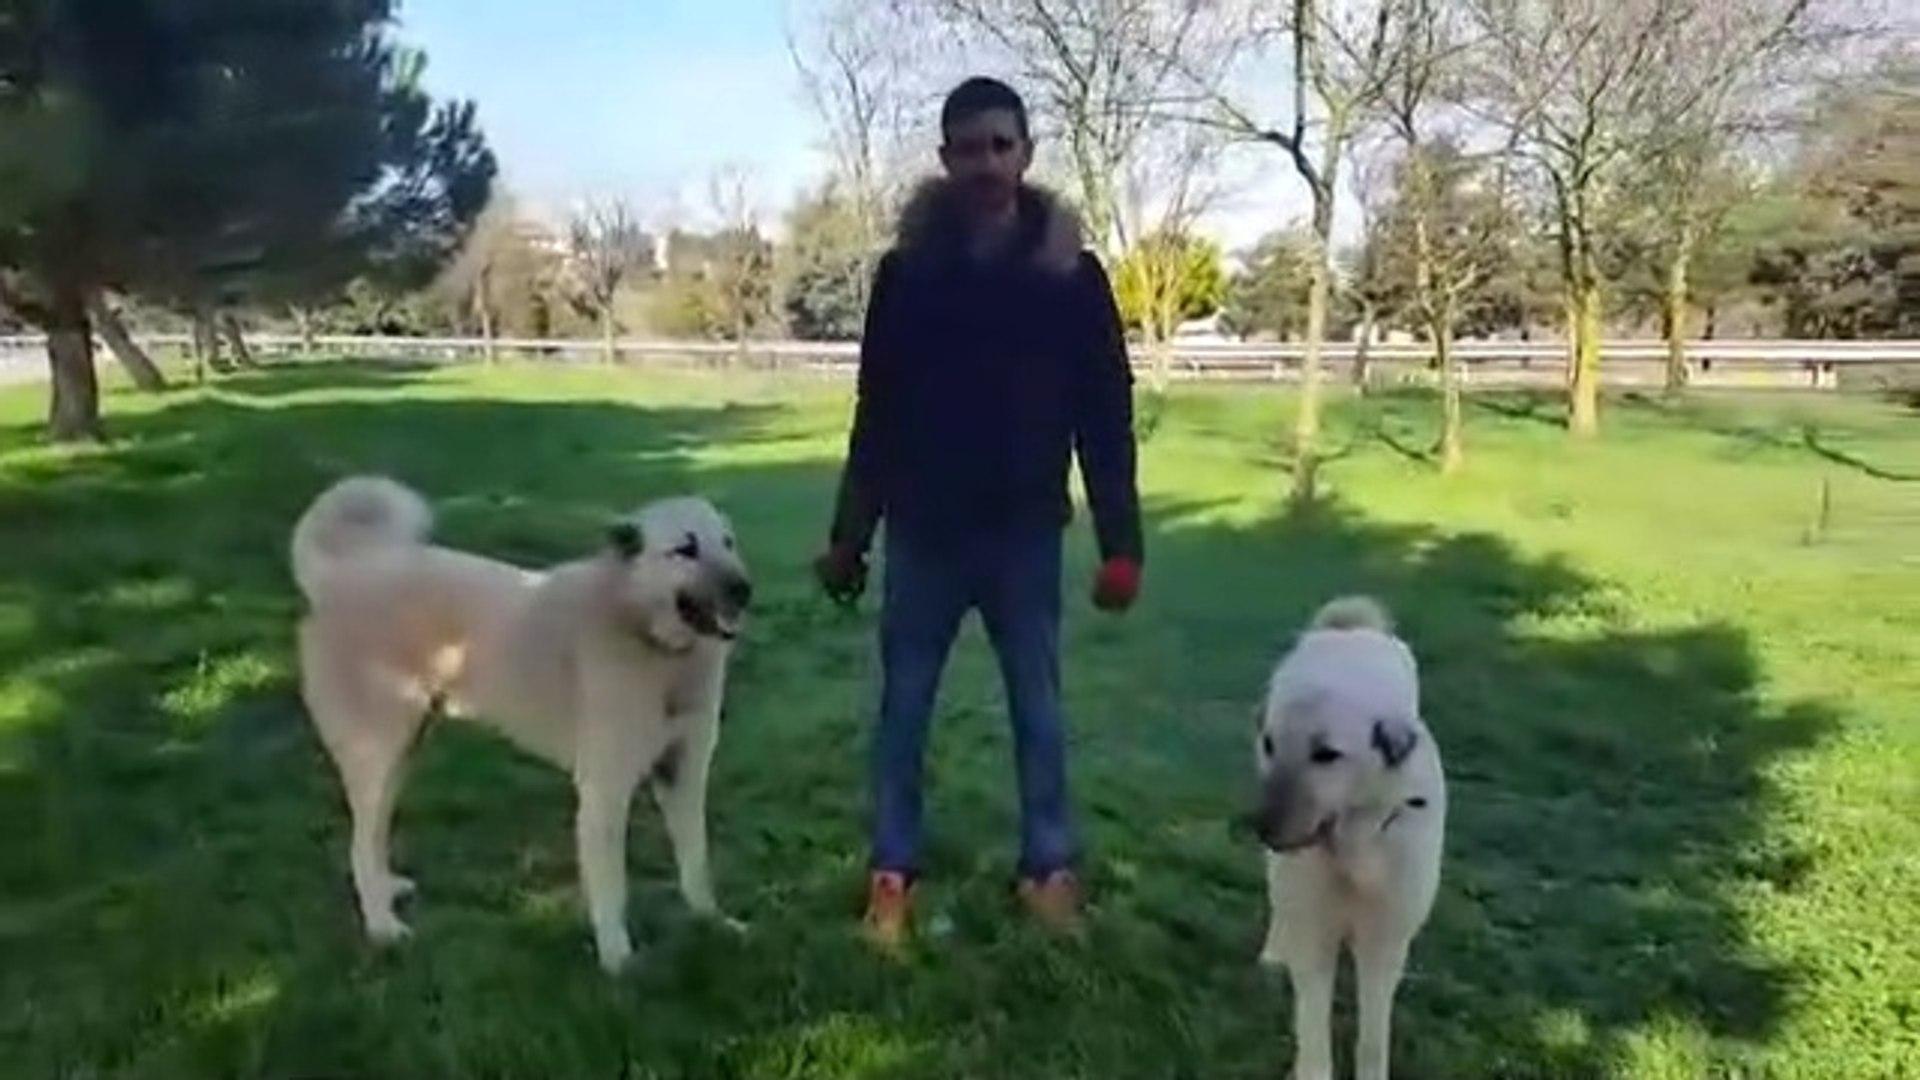 COK ASiL BiR DiS BiR ERKEK KANGAL KOPEGi - FAMELA and MALE KANGAL DOGS